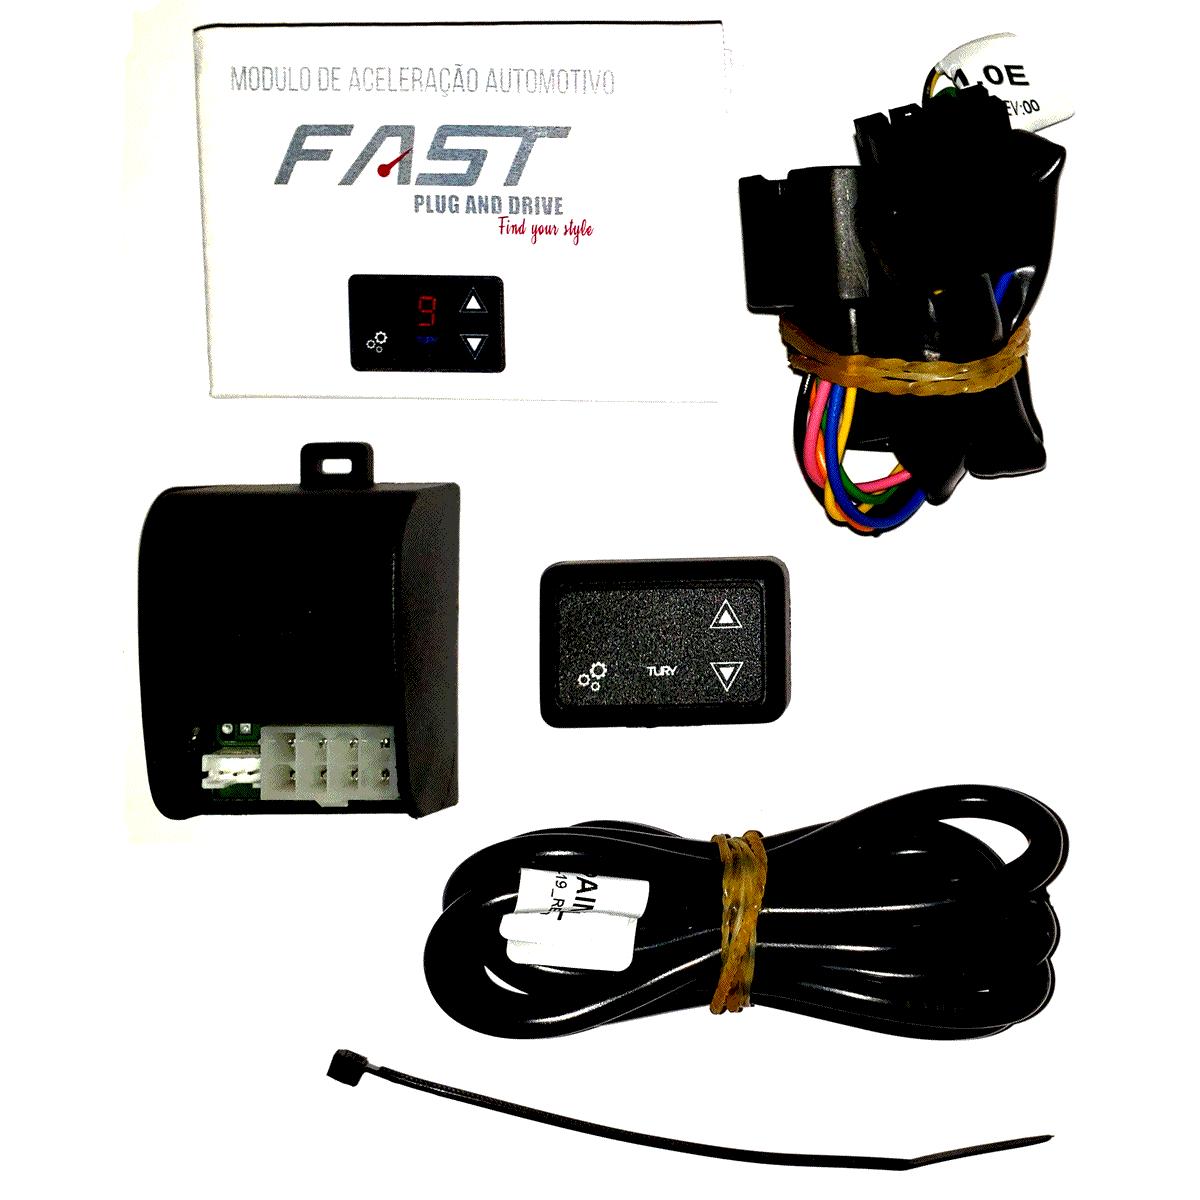 Fast E Honda Módulo Acelerador Eletrônico Conector Plug & Play